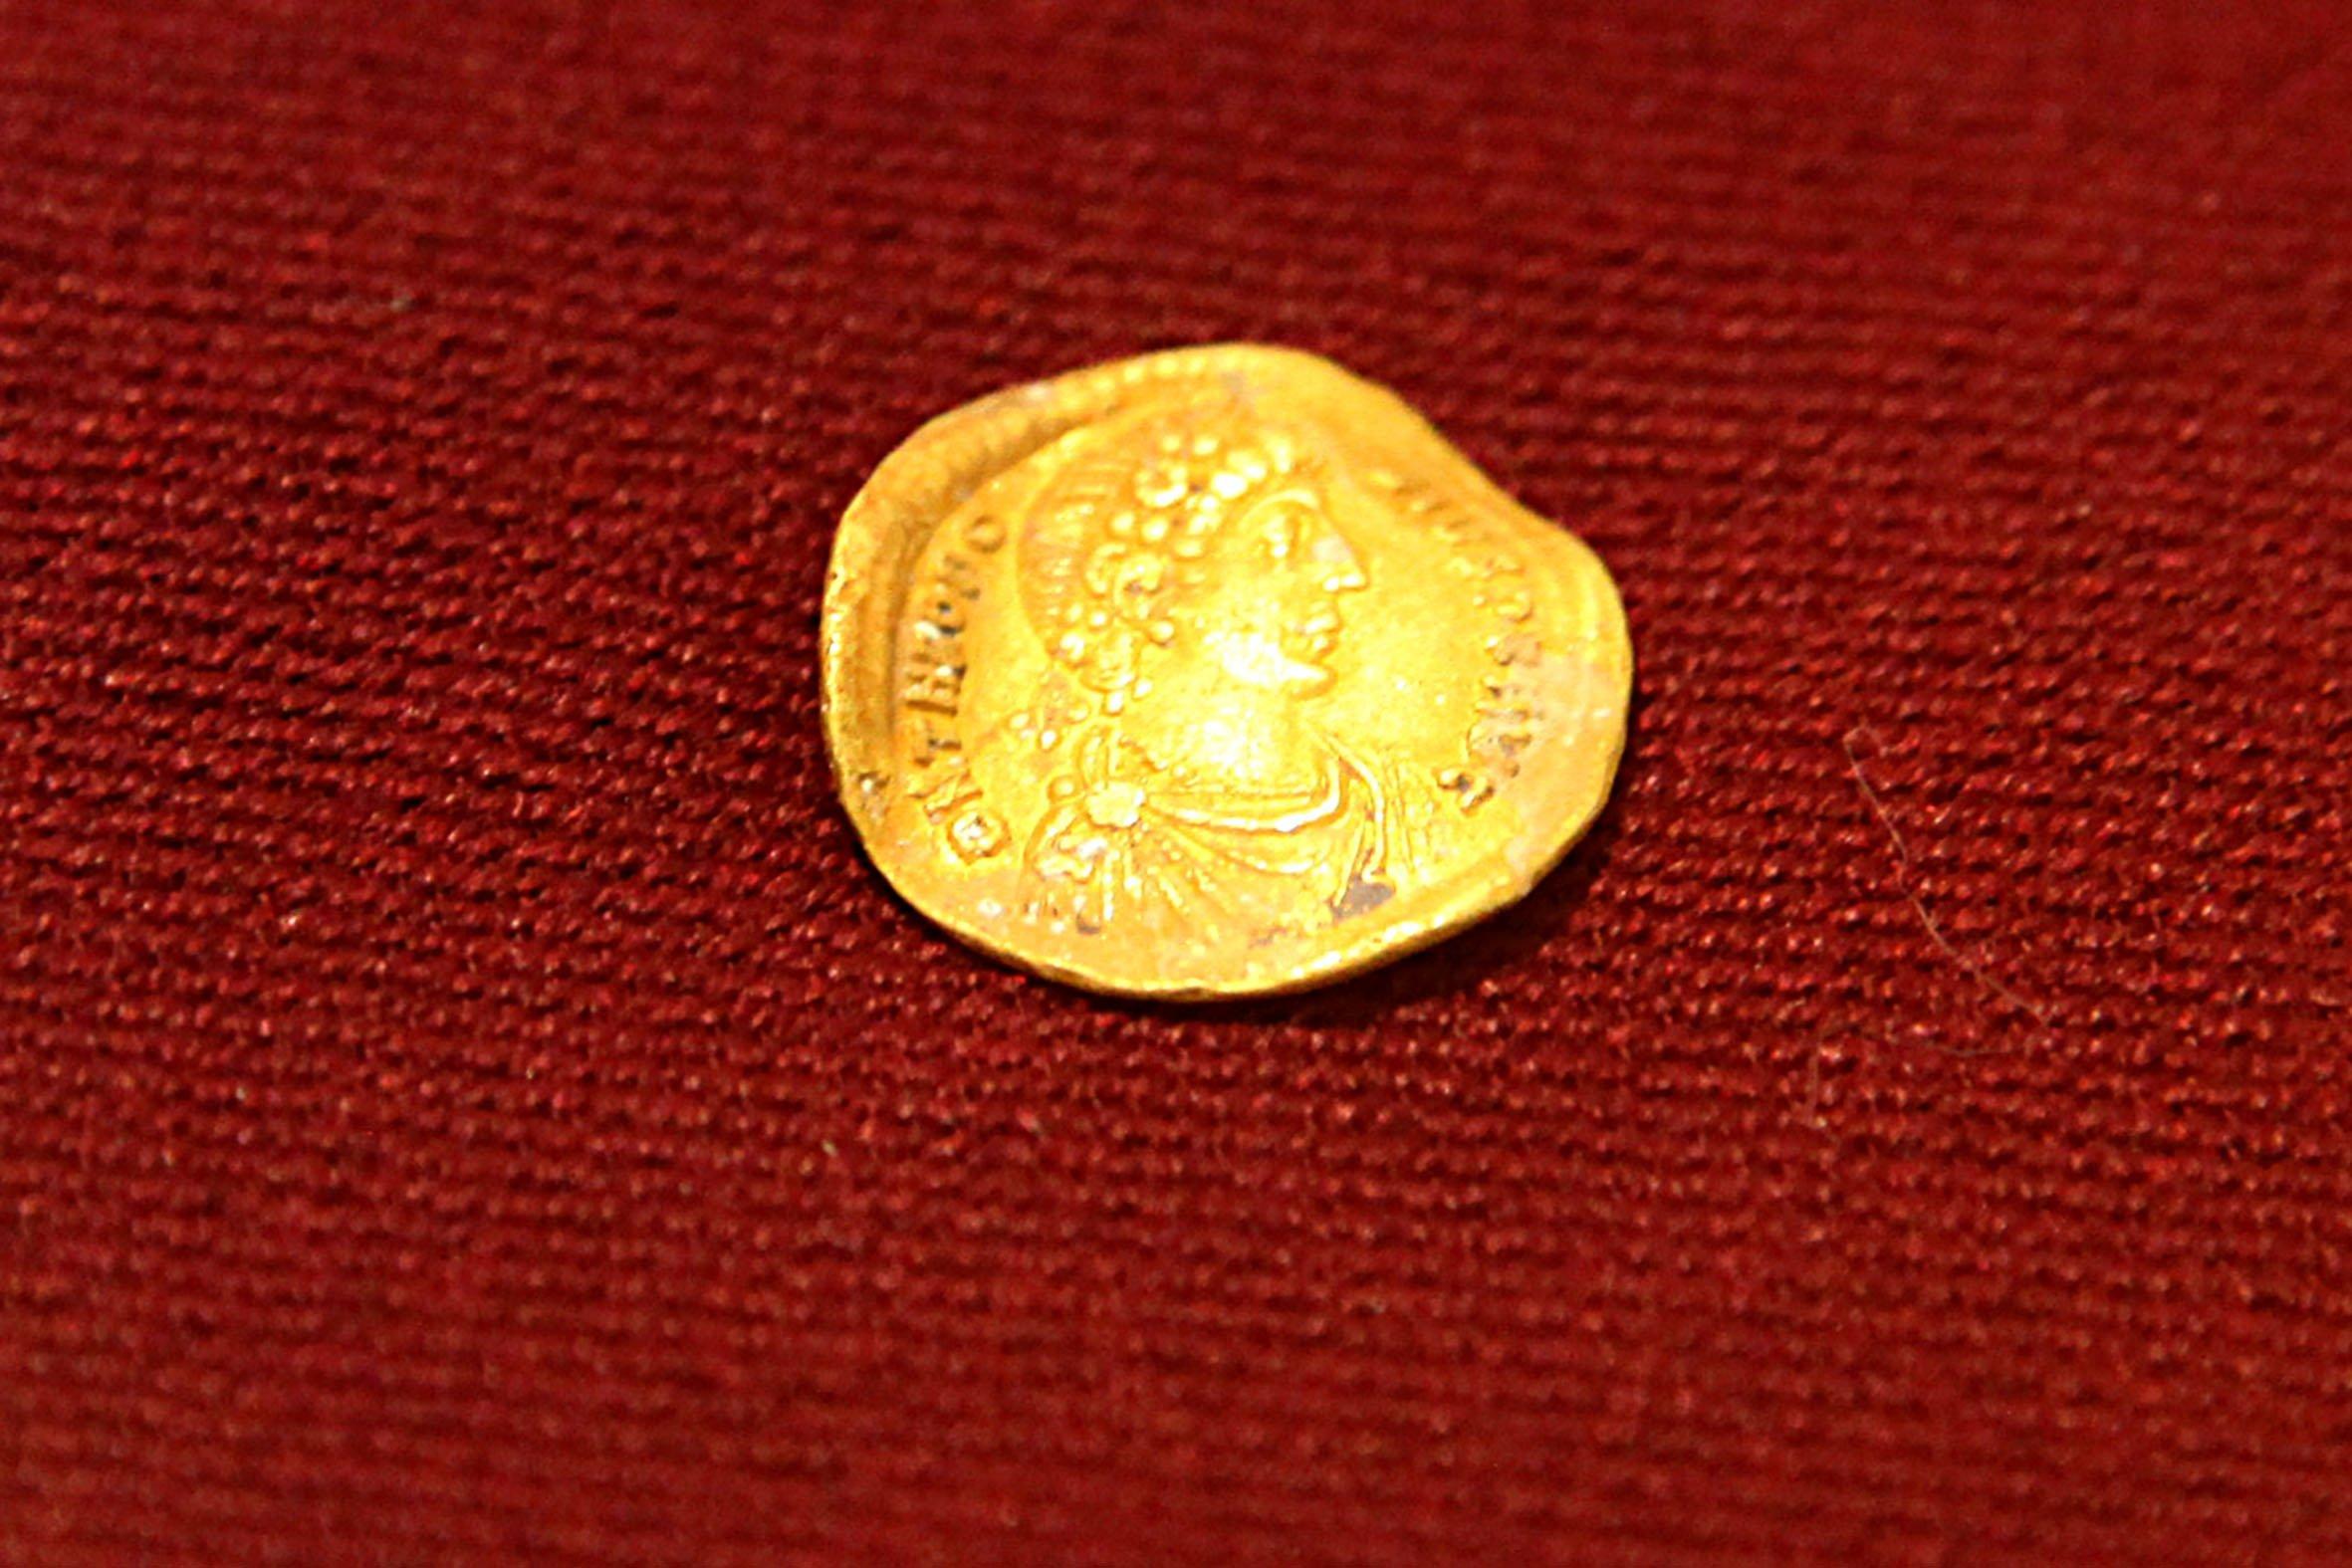 Una de las monedas halladas